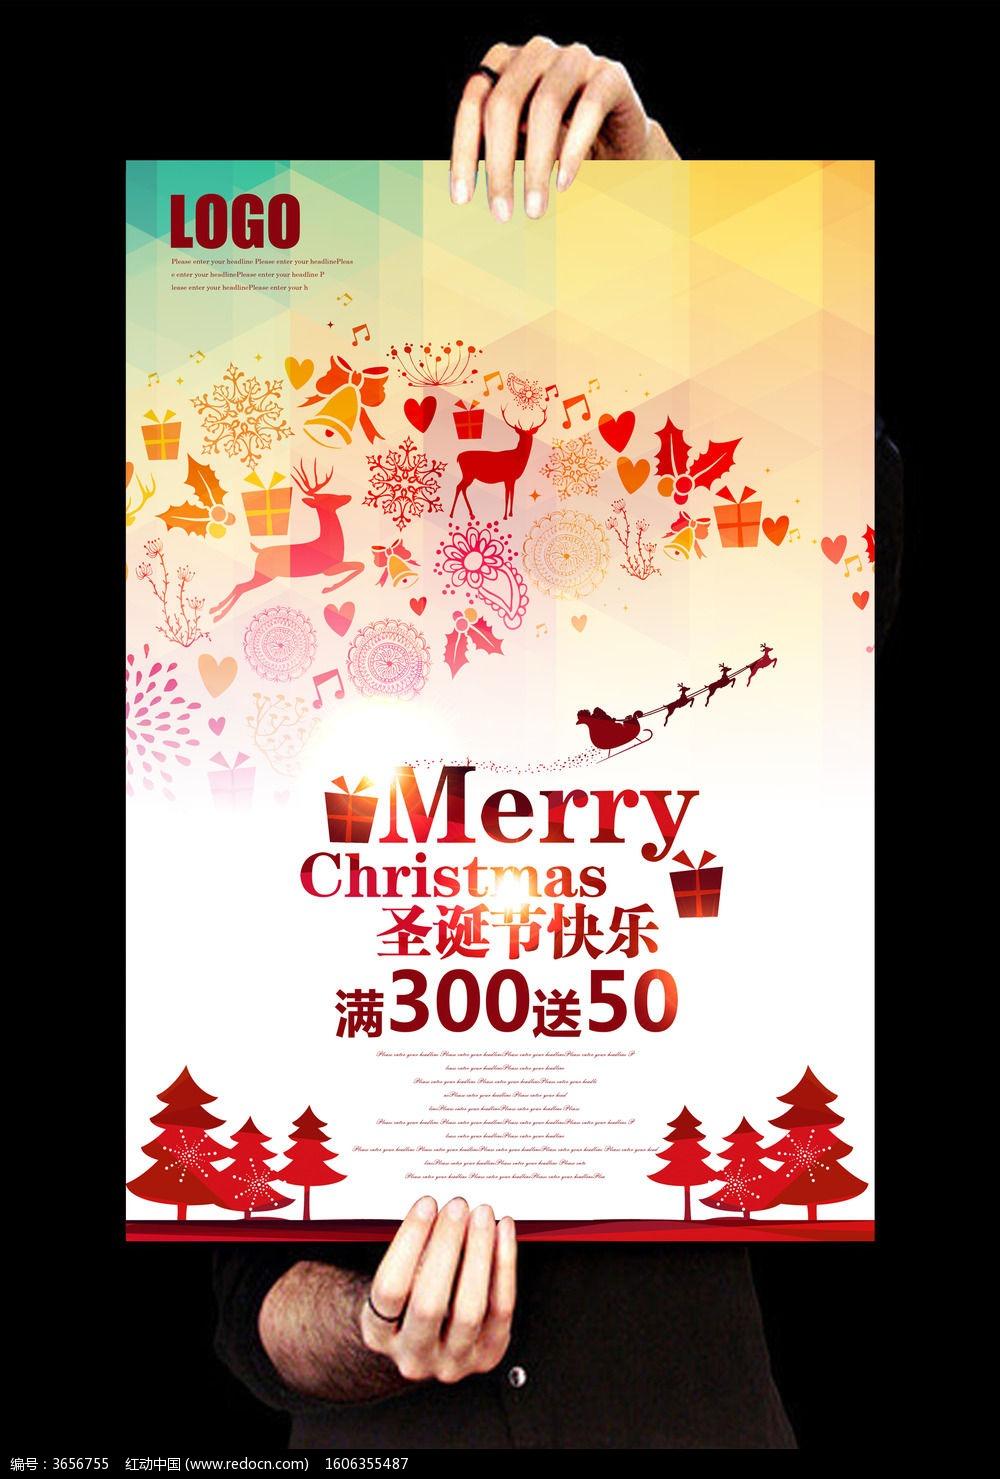 时尚创意圣诞节快乐促销海报设计图片